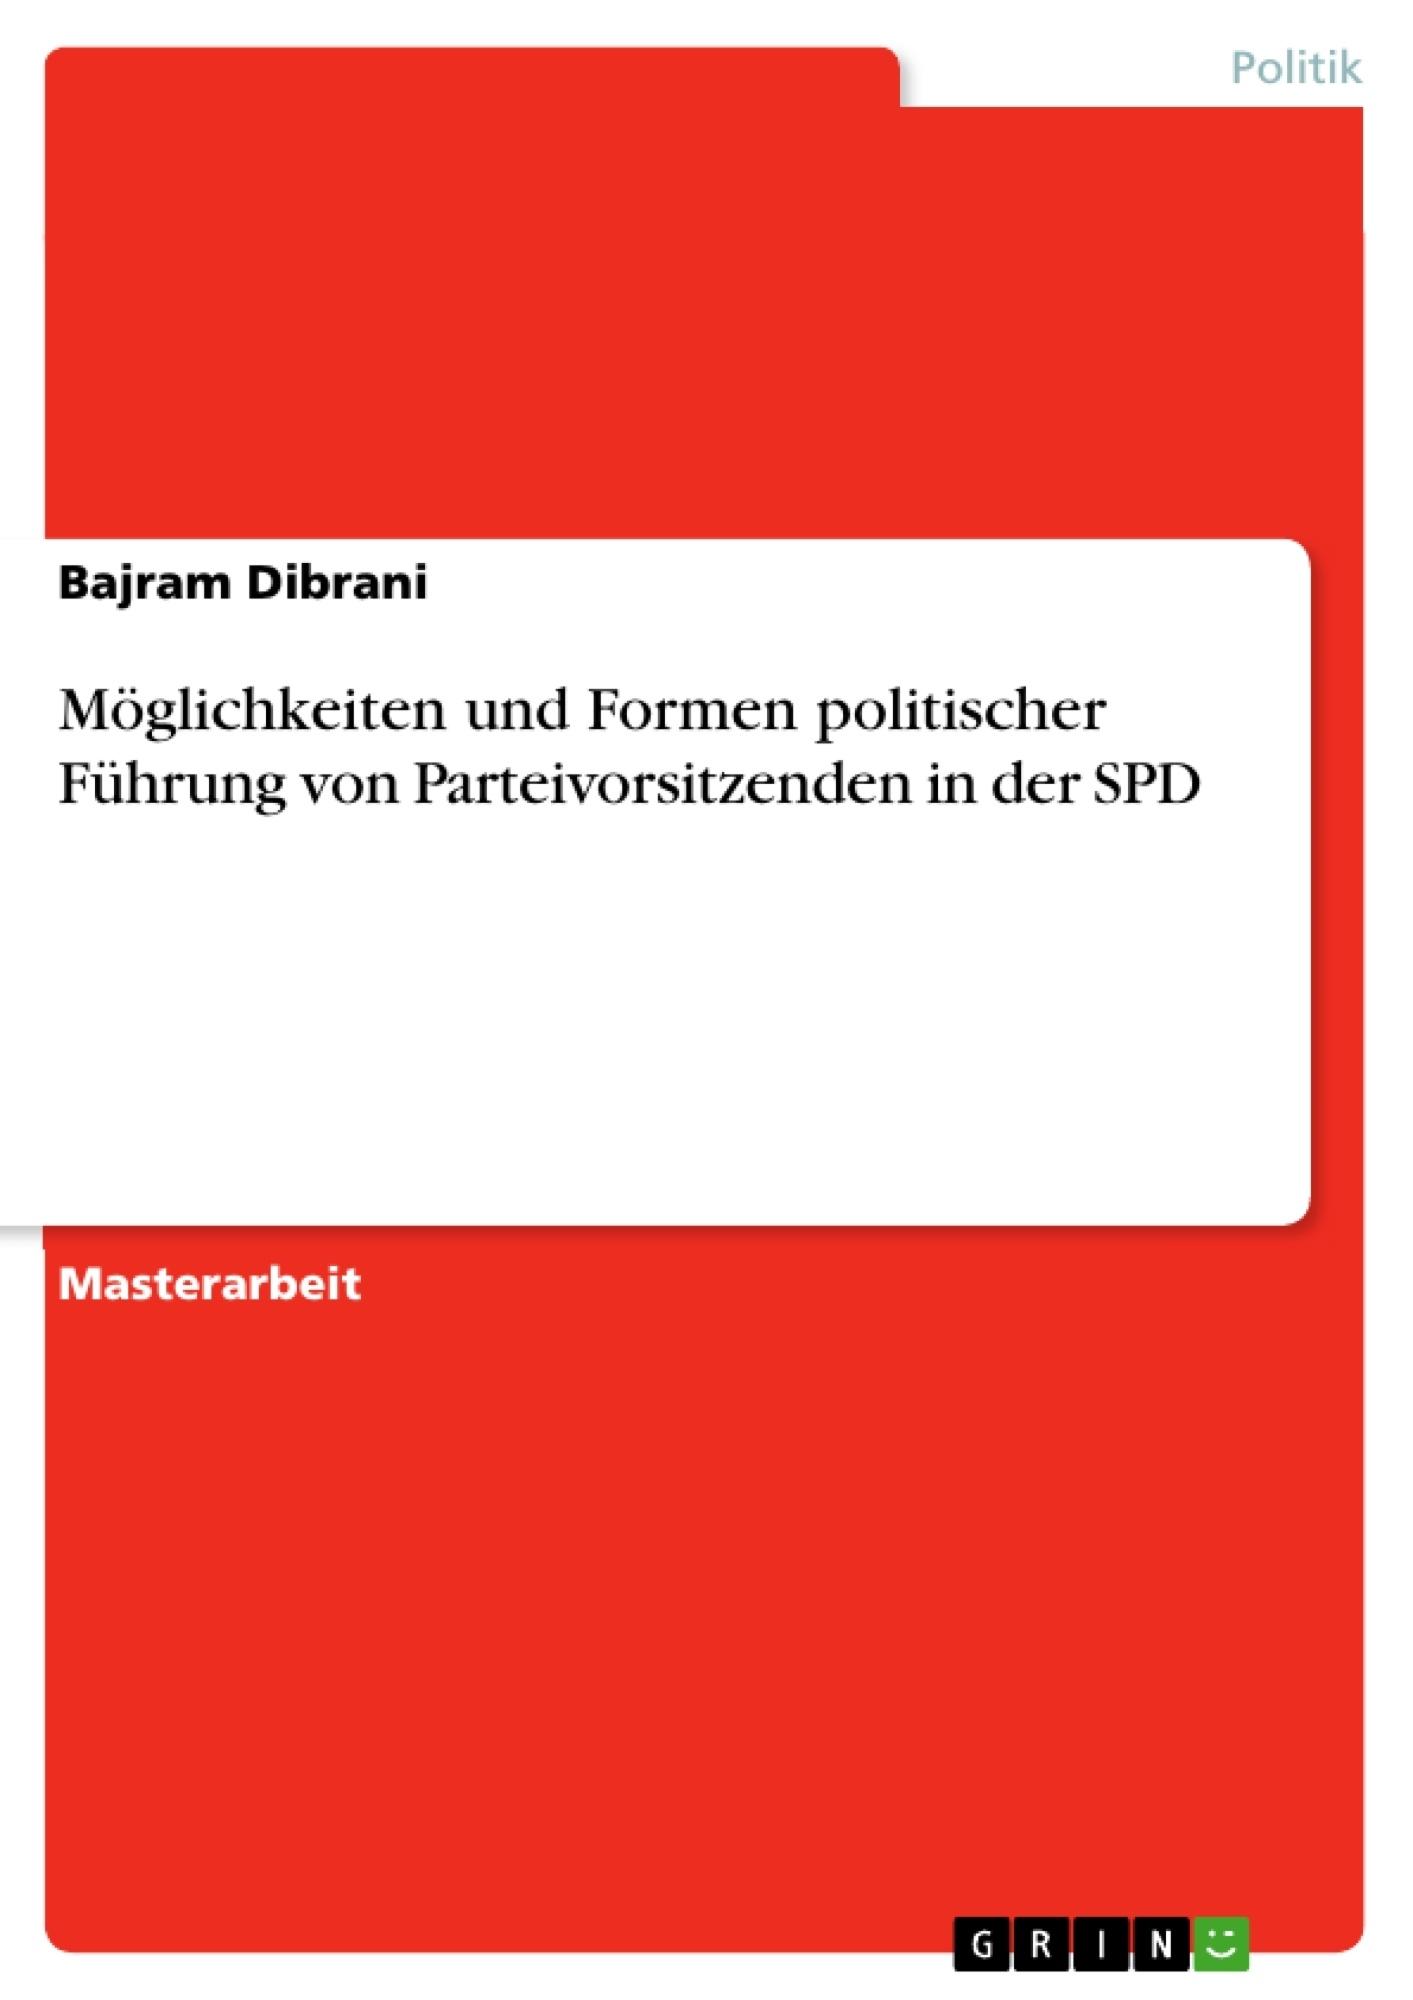 Titel: Möglichkeiten und Formen politischer Führung von Parteivorsitzenden in der SPD